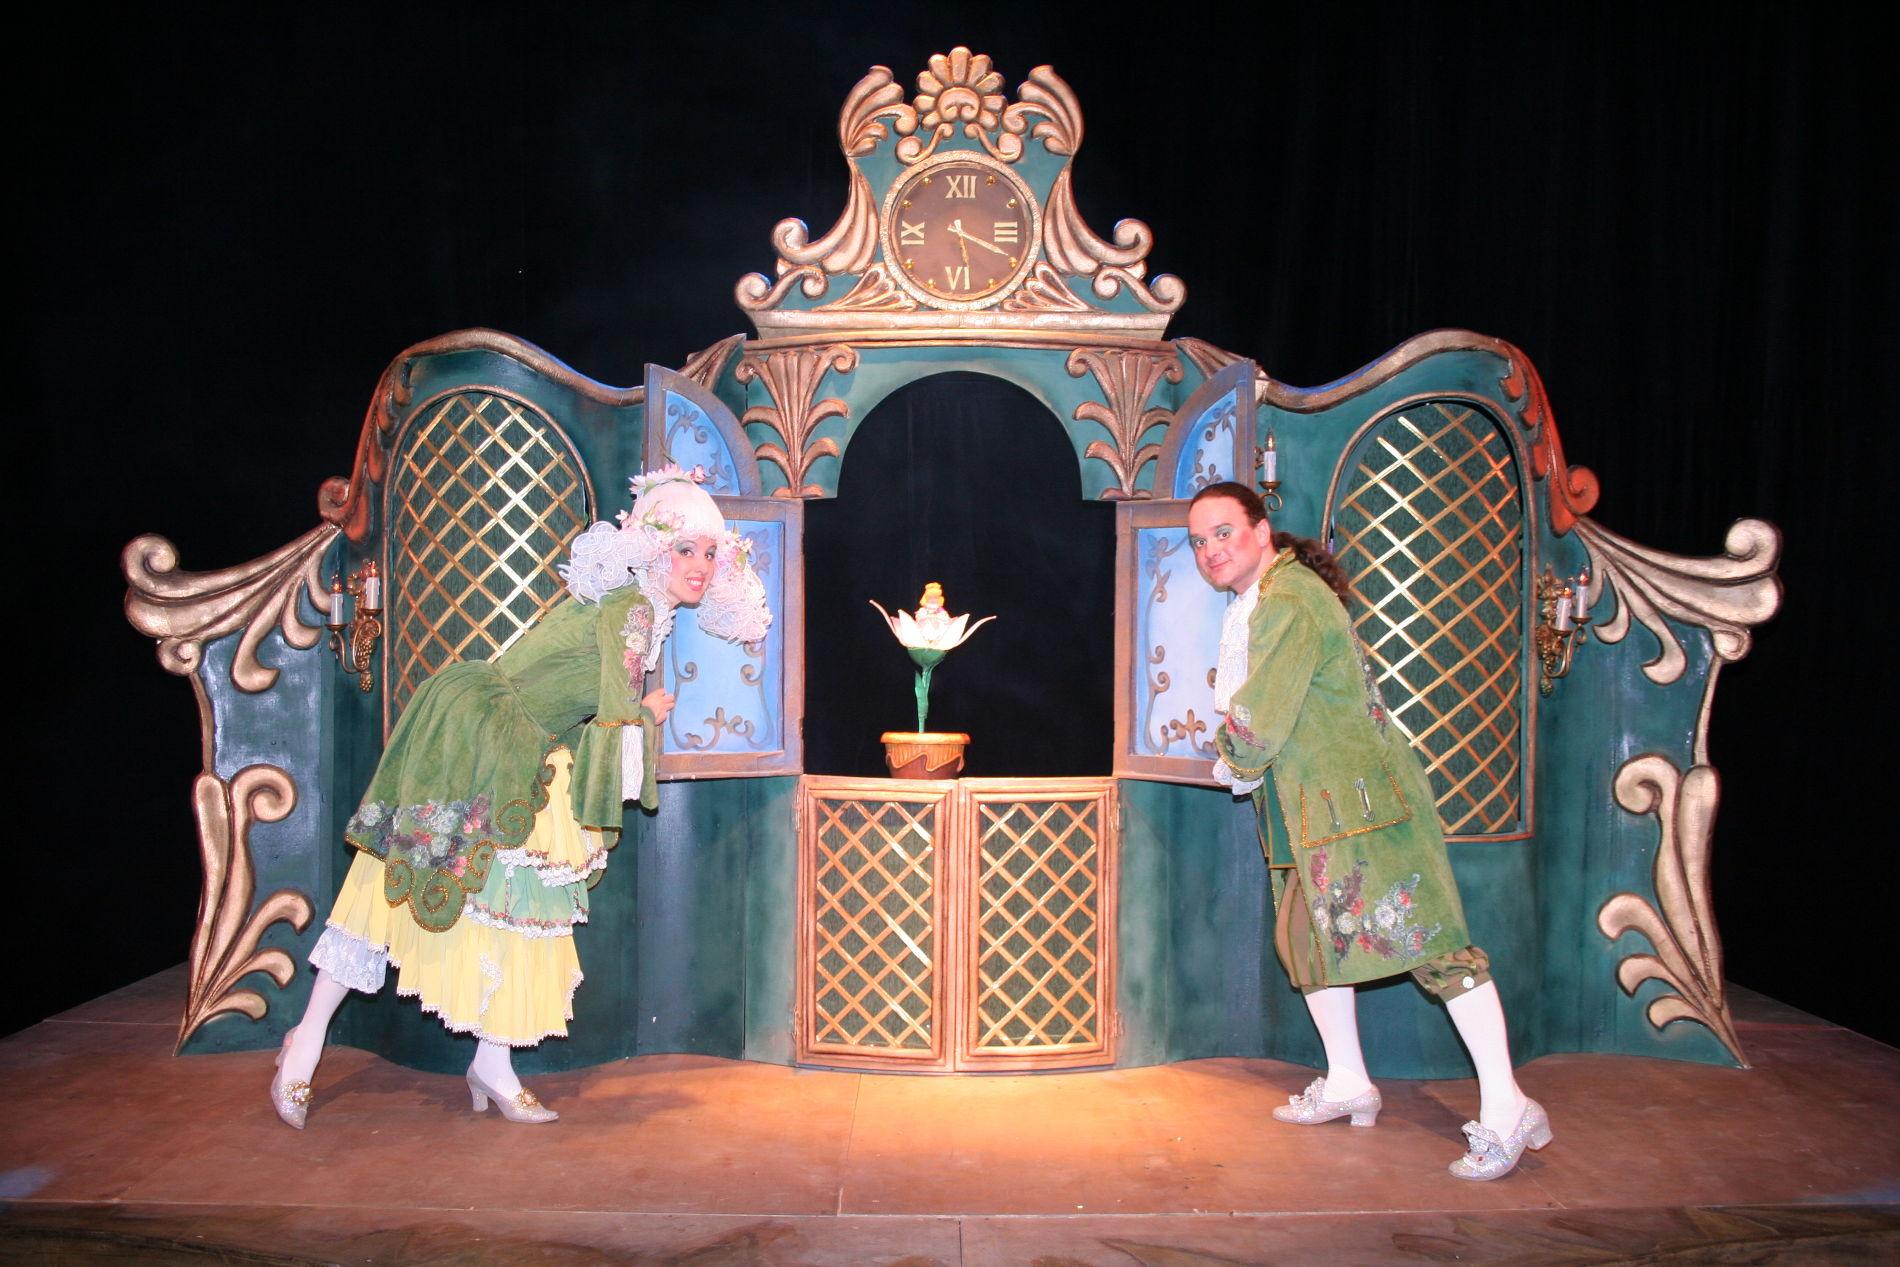 Дюймовочка ©Фотография предоставлена пресс-службой Краевого театра кукол